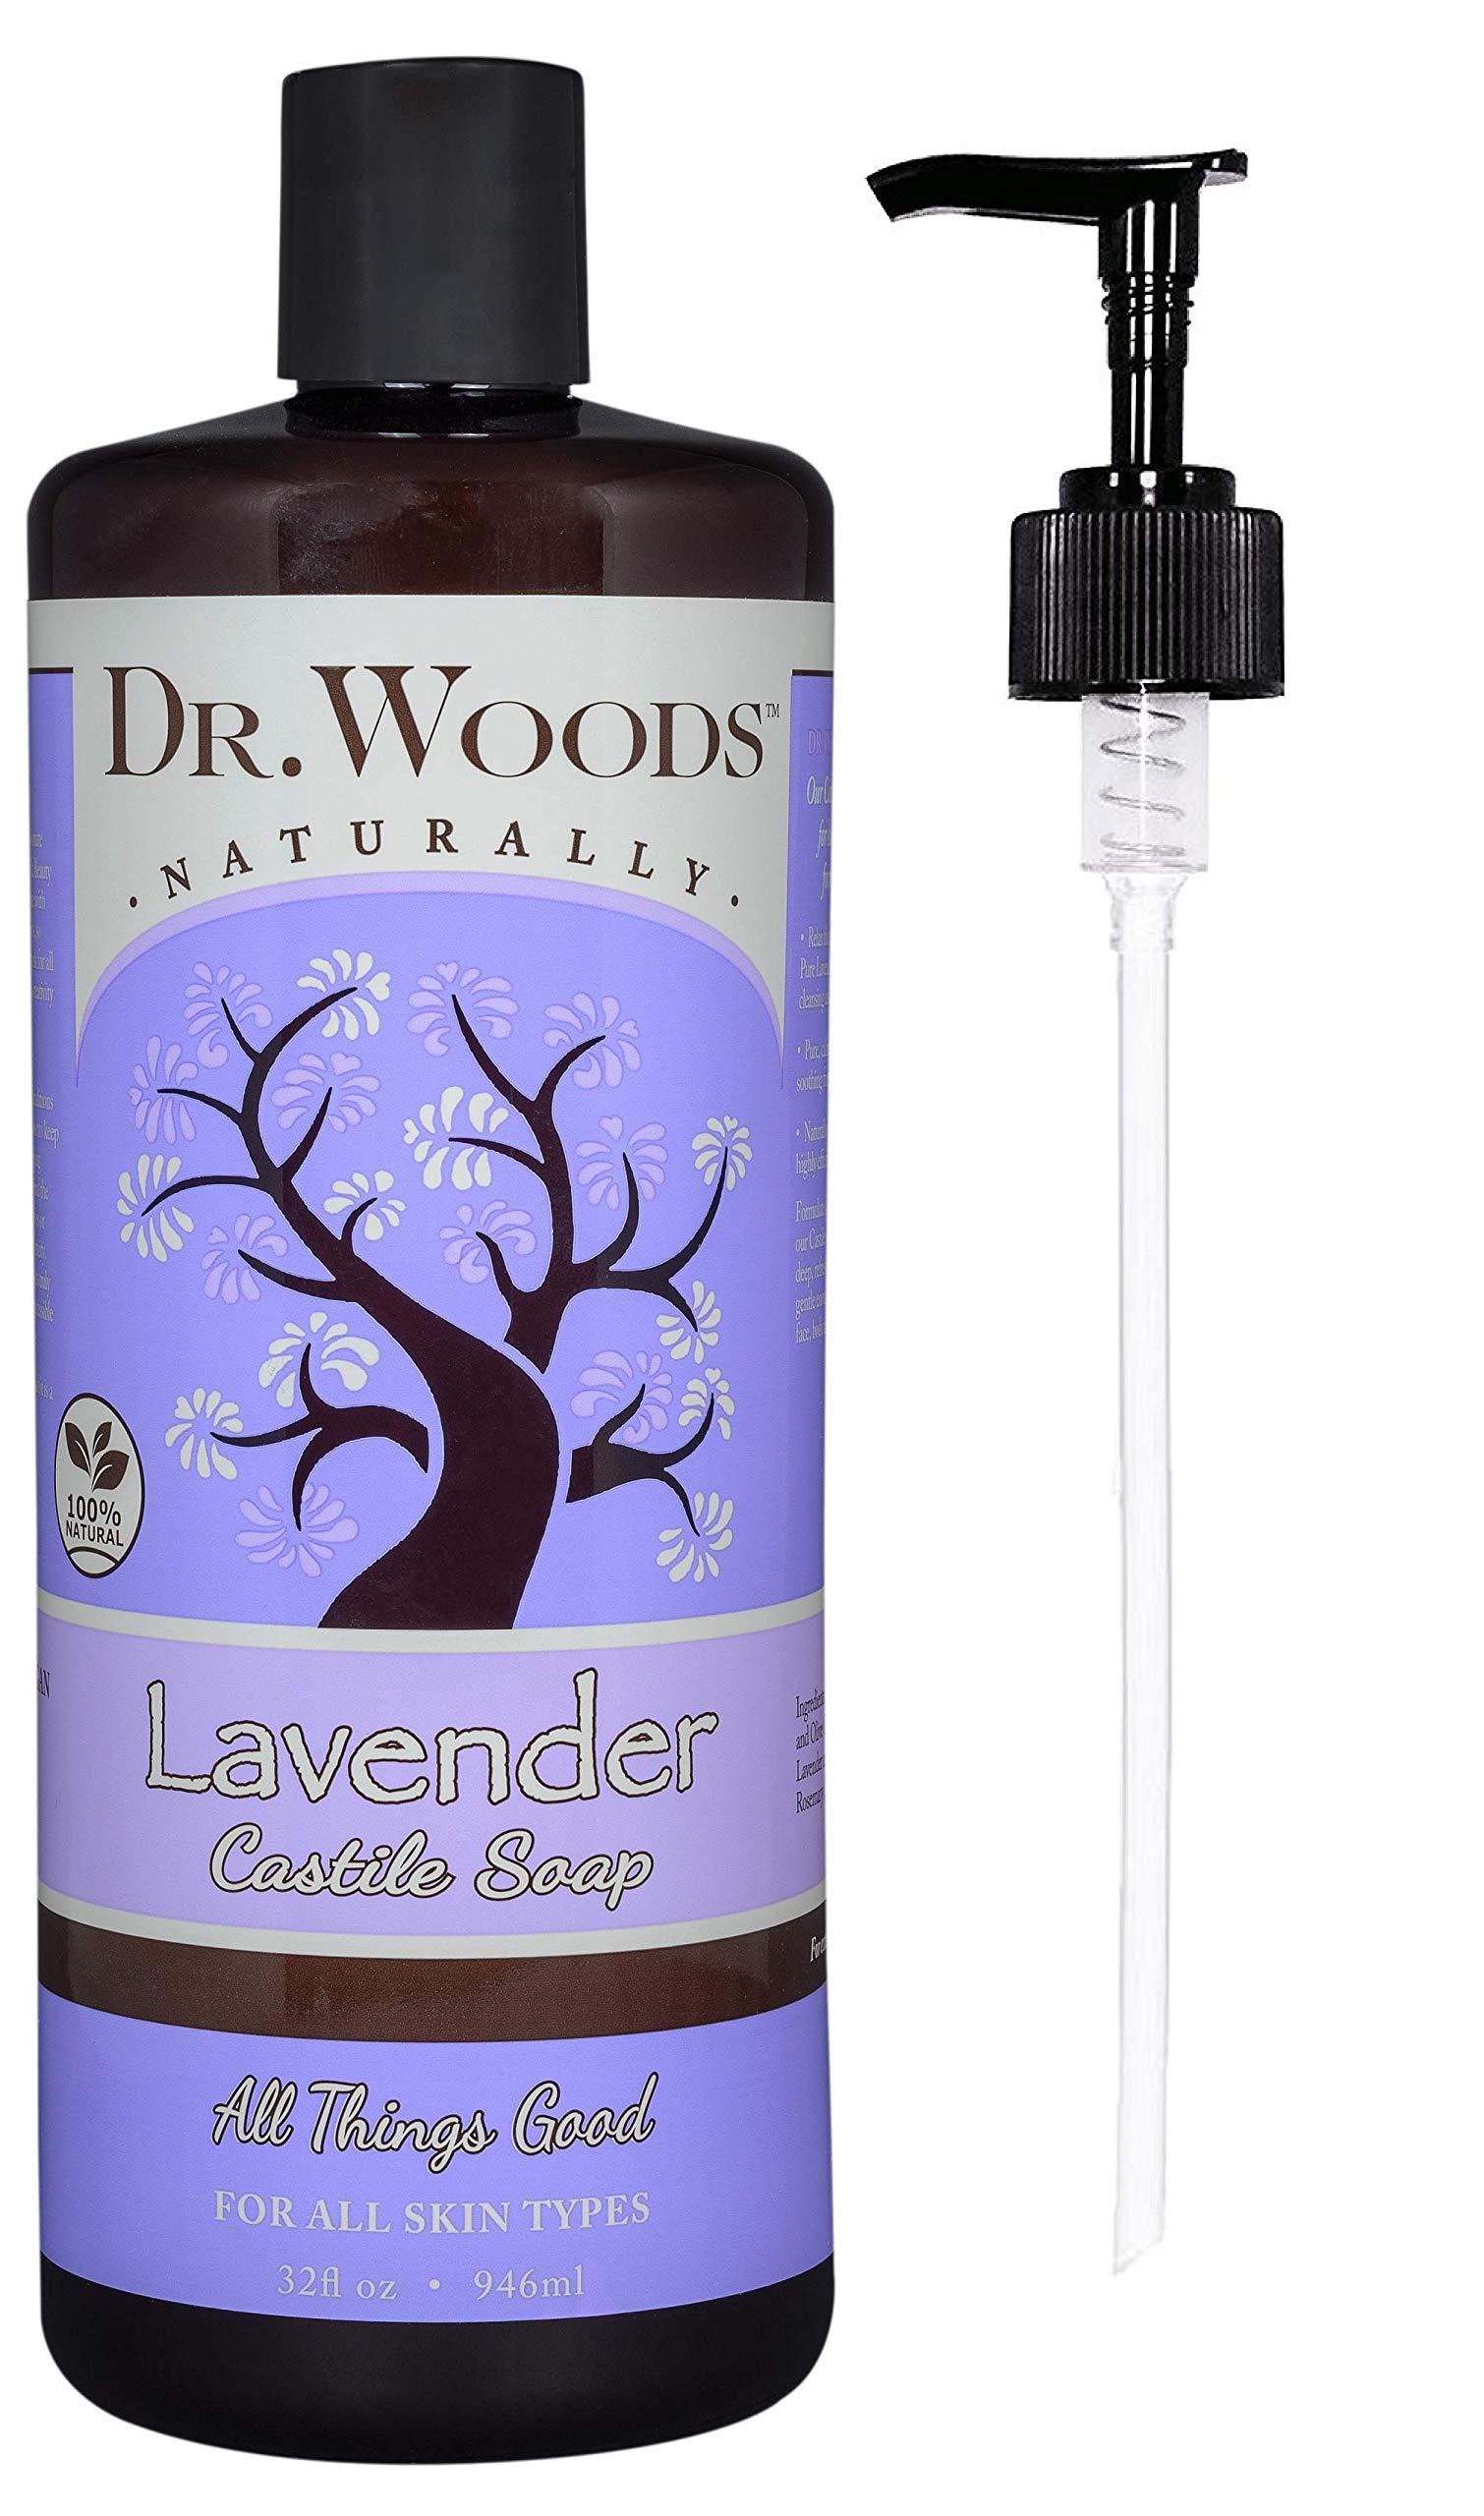 Dr. Woods Pure Lavender Liquid Castile Soap with Pump, 32 Ounce